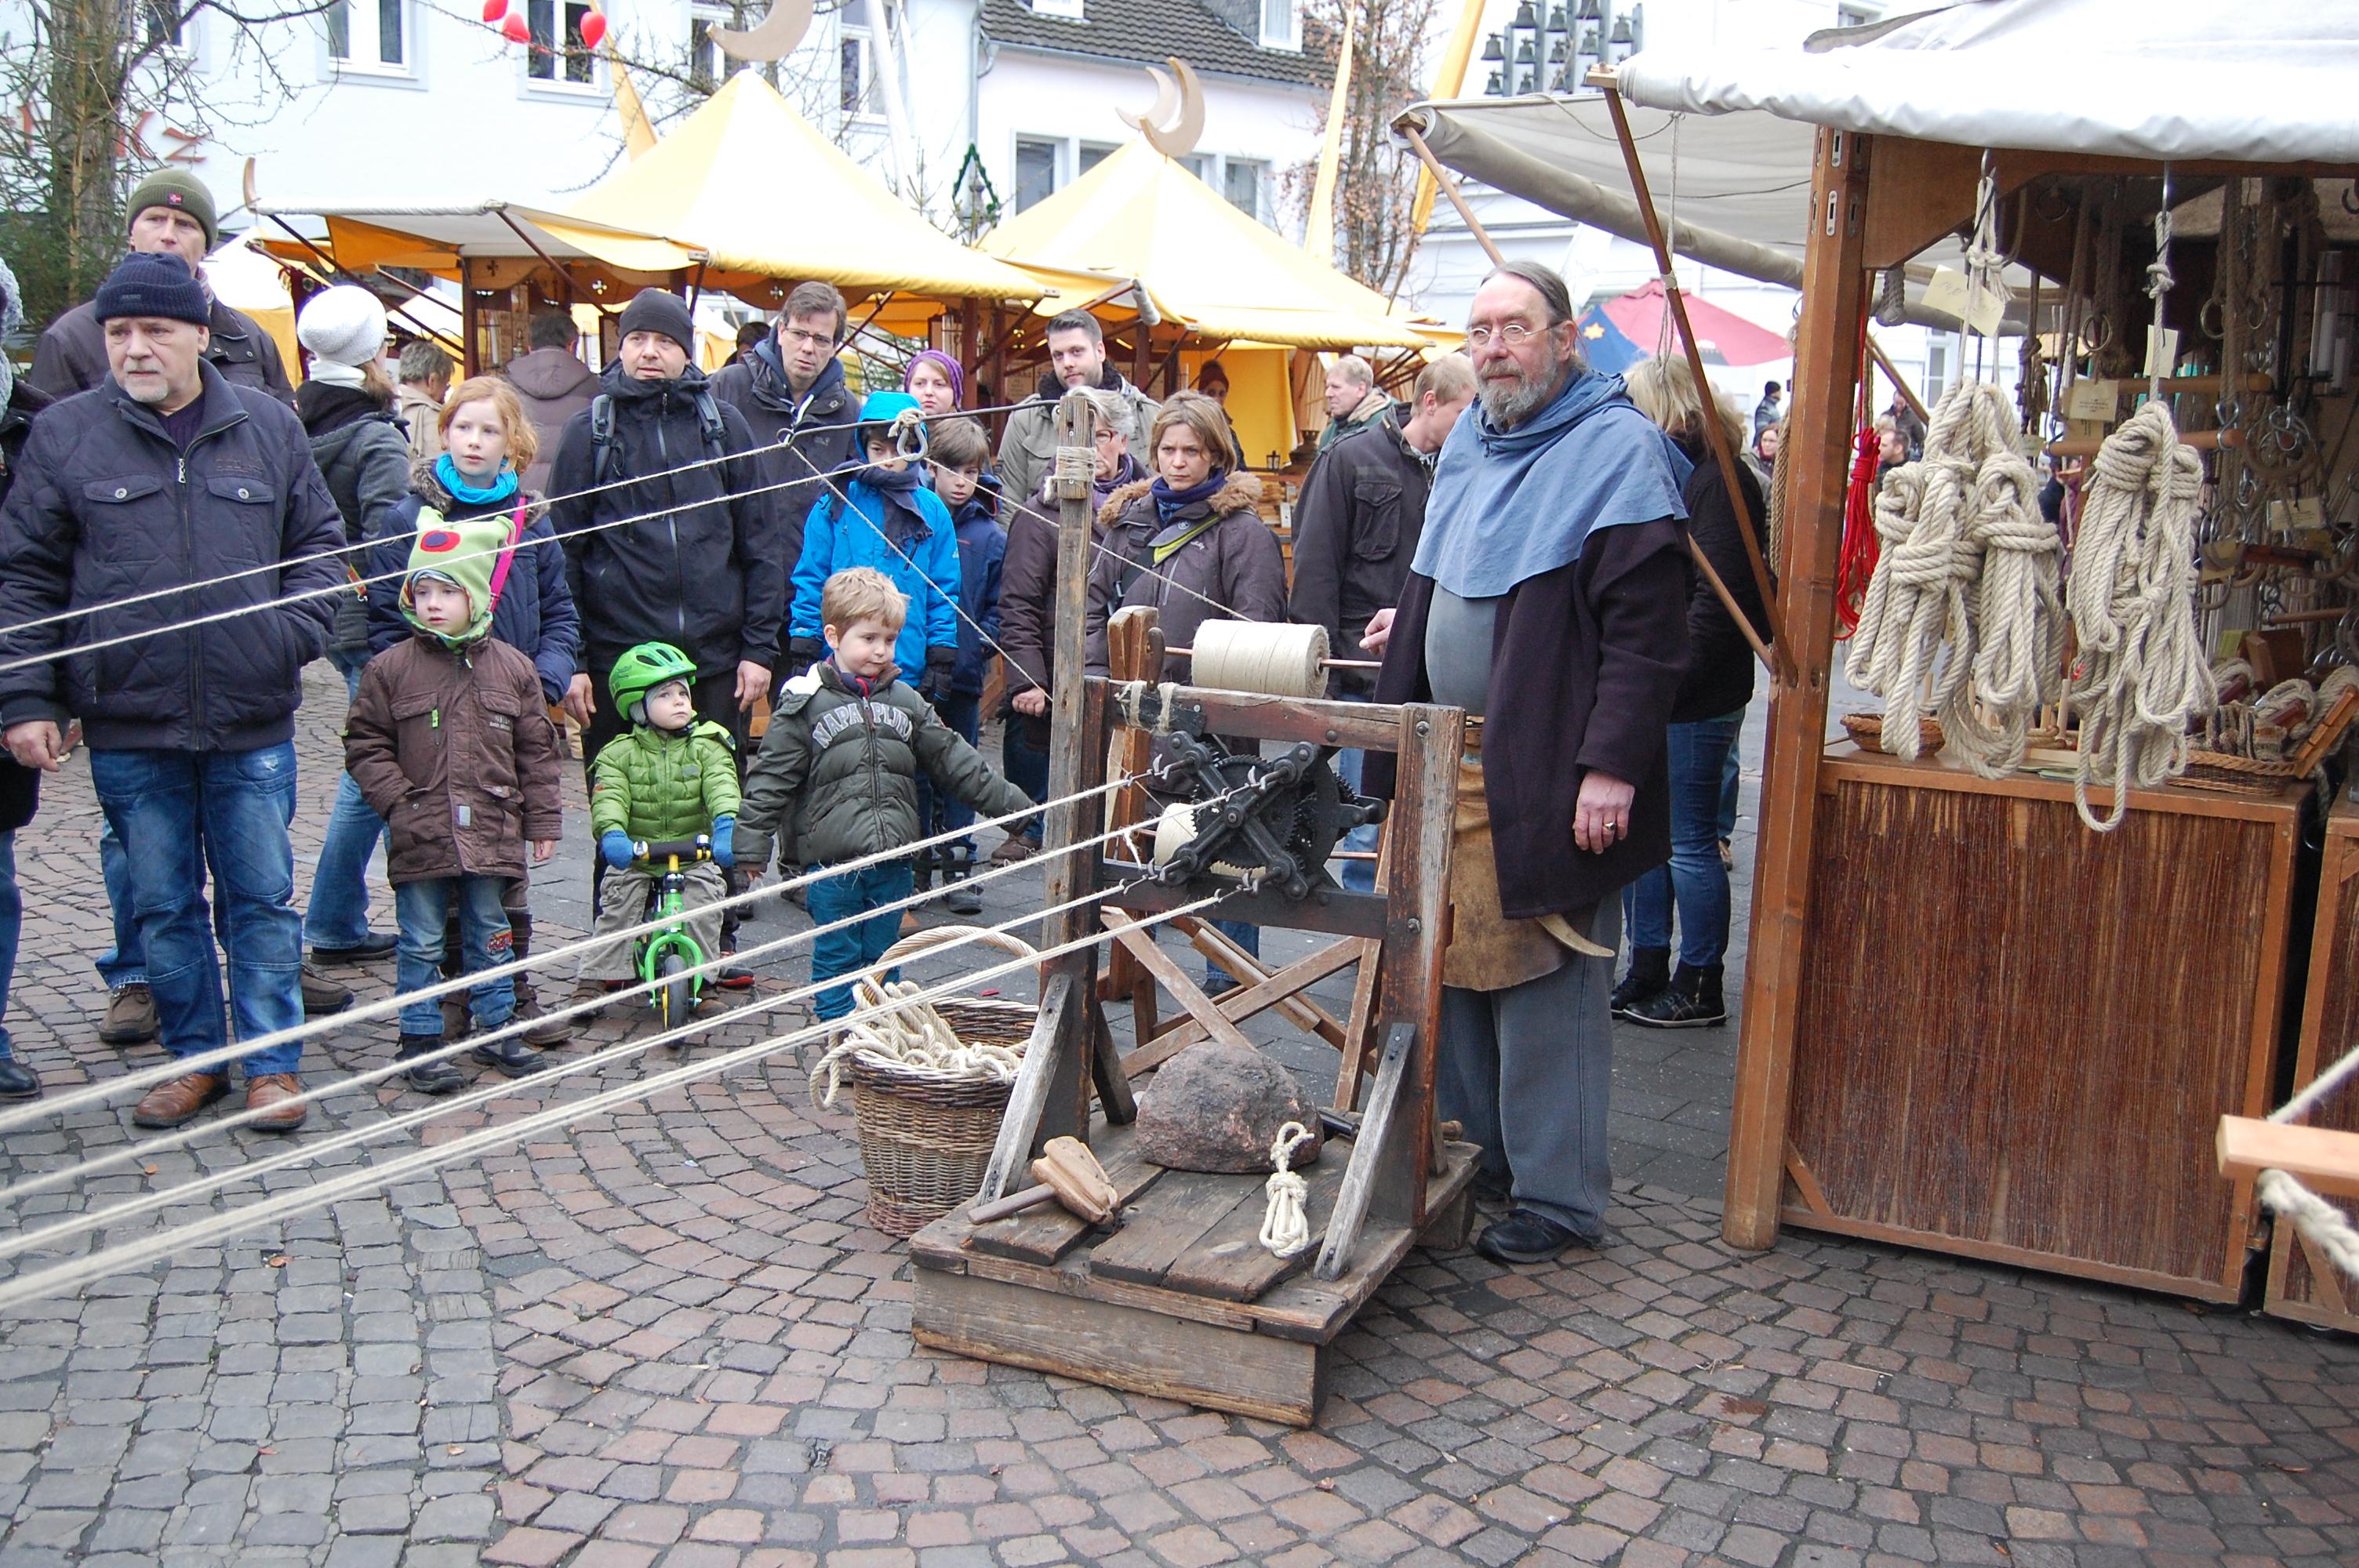 Weben einer Hängematte auf dem Weihnachtsmarkt